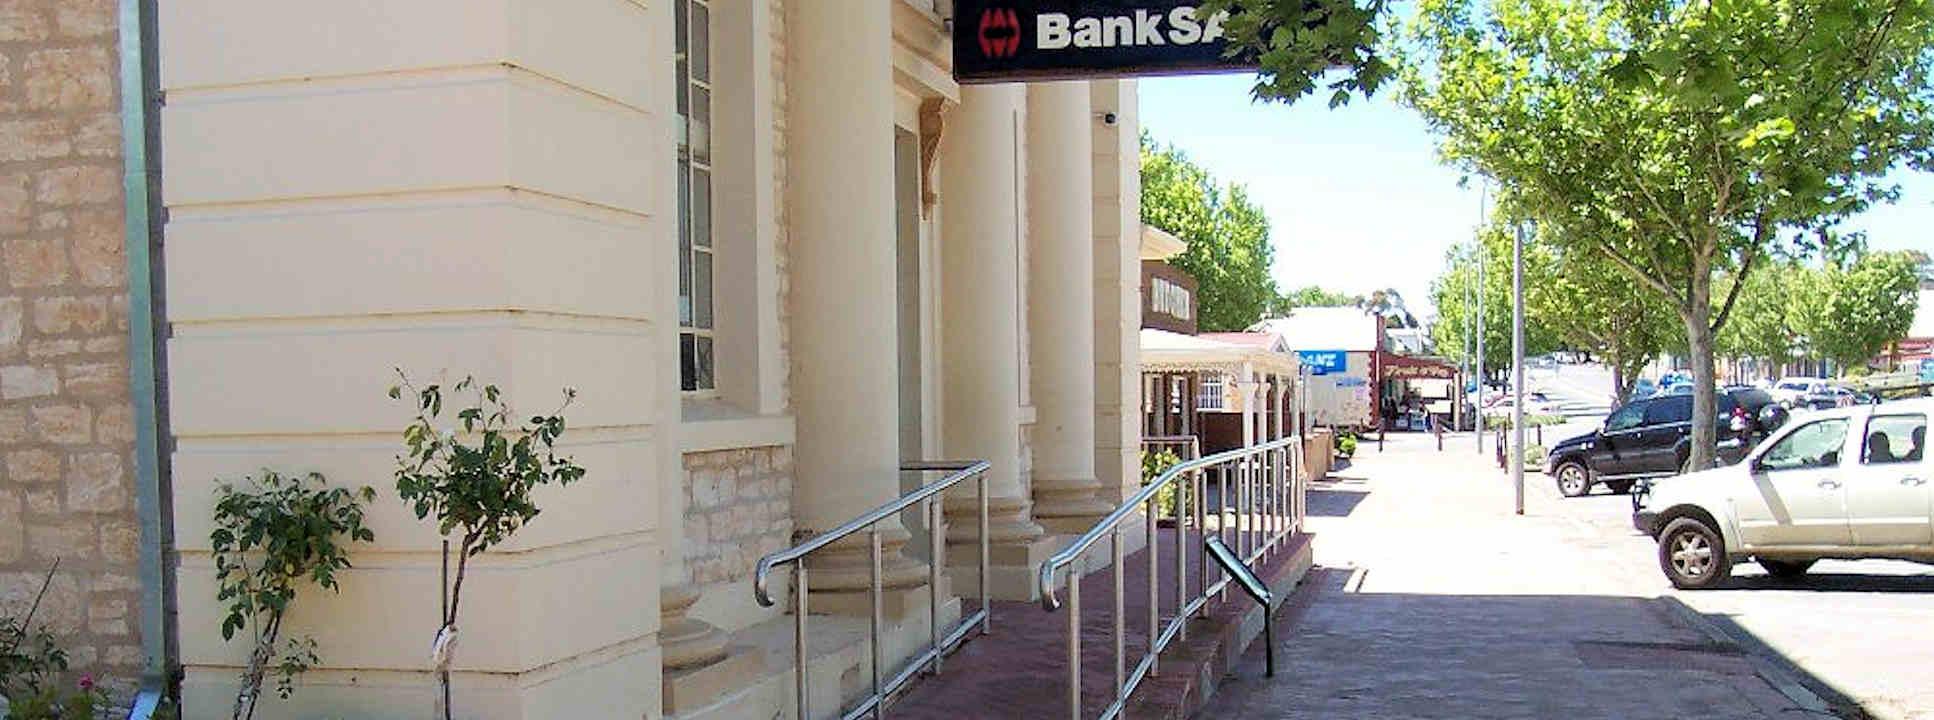 Bank SA Maitland